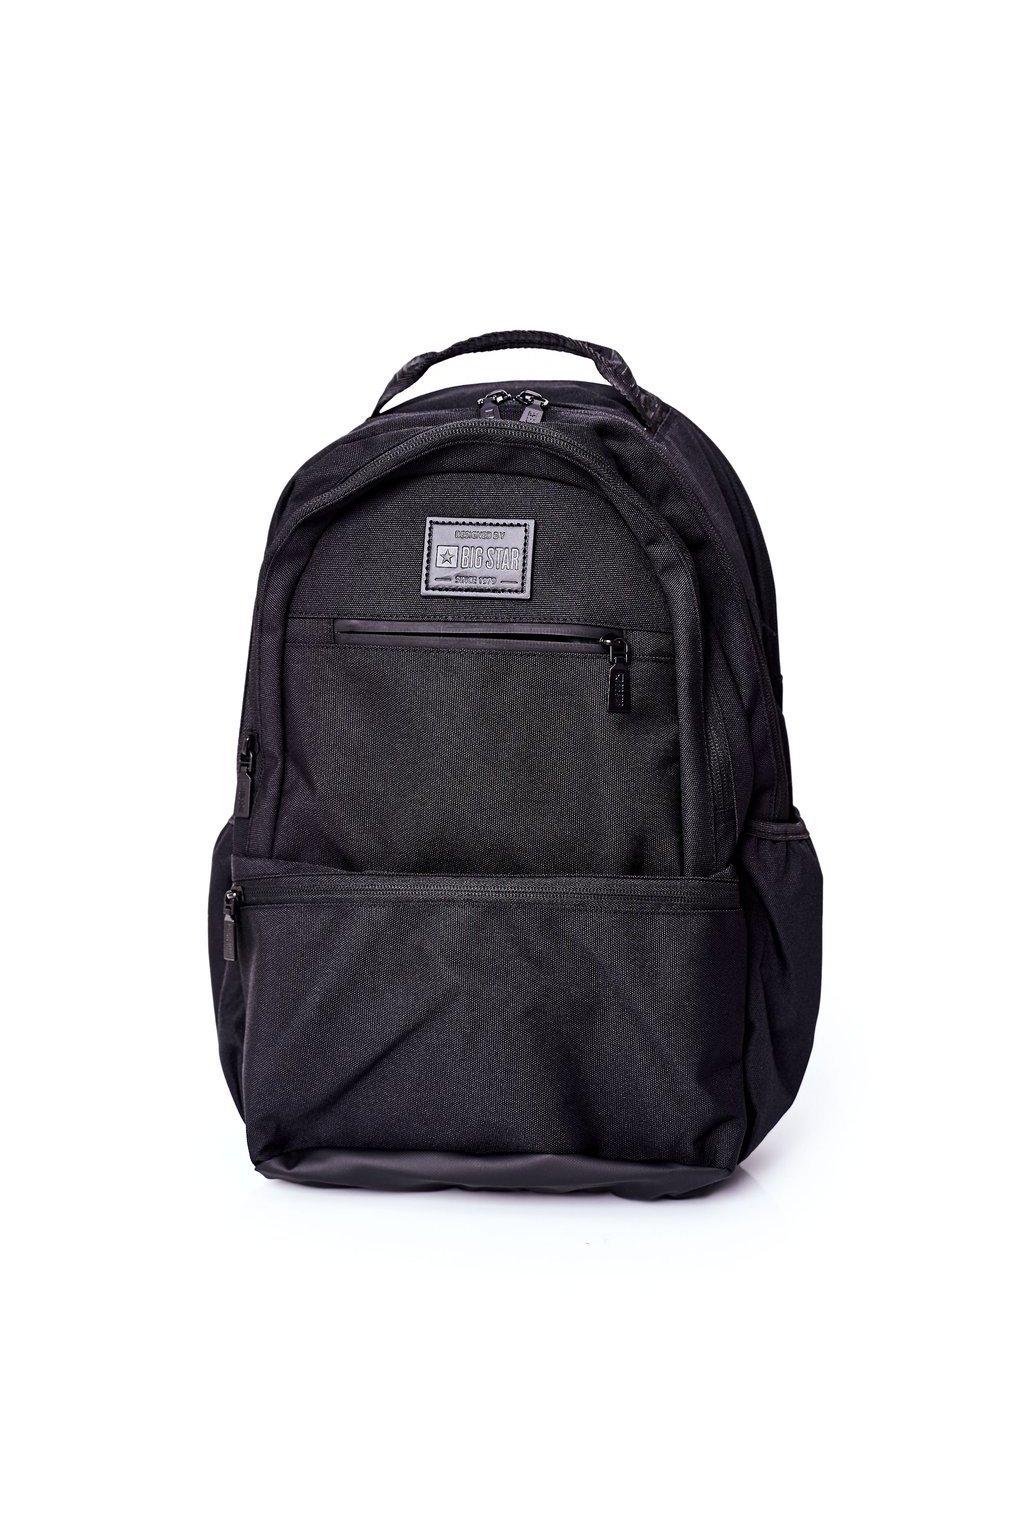 Čierny batoh BS HH574200 BLK